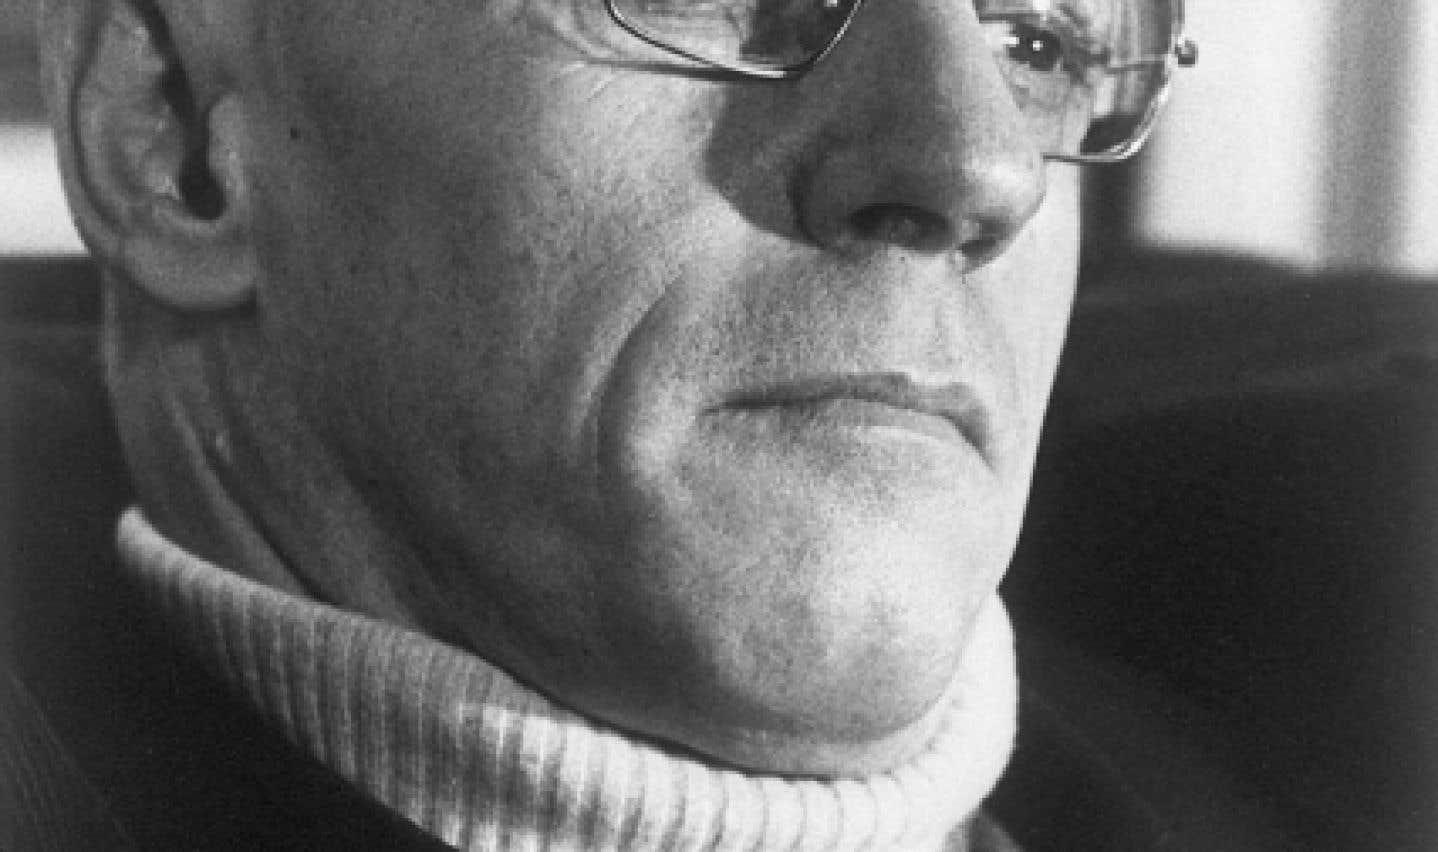 L'Herne consacre un riche cahier au philosophe Michel Foucault.